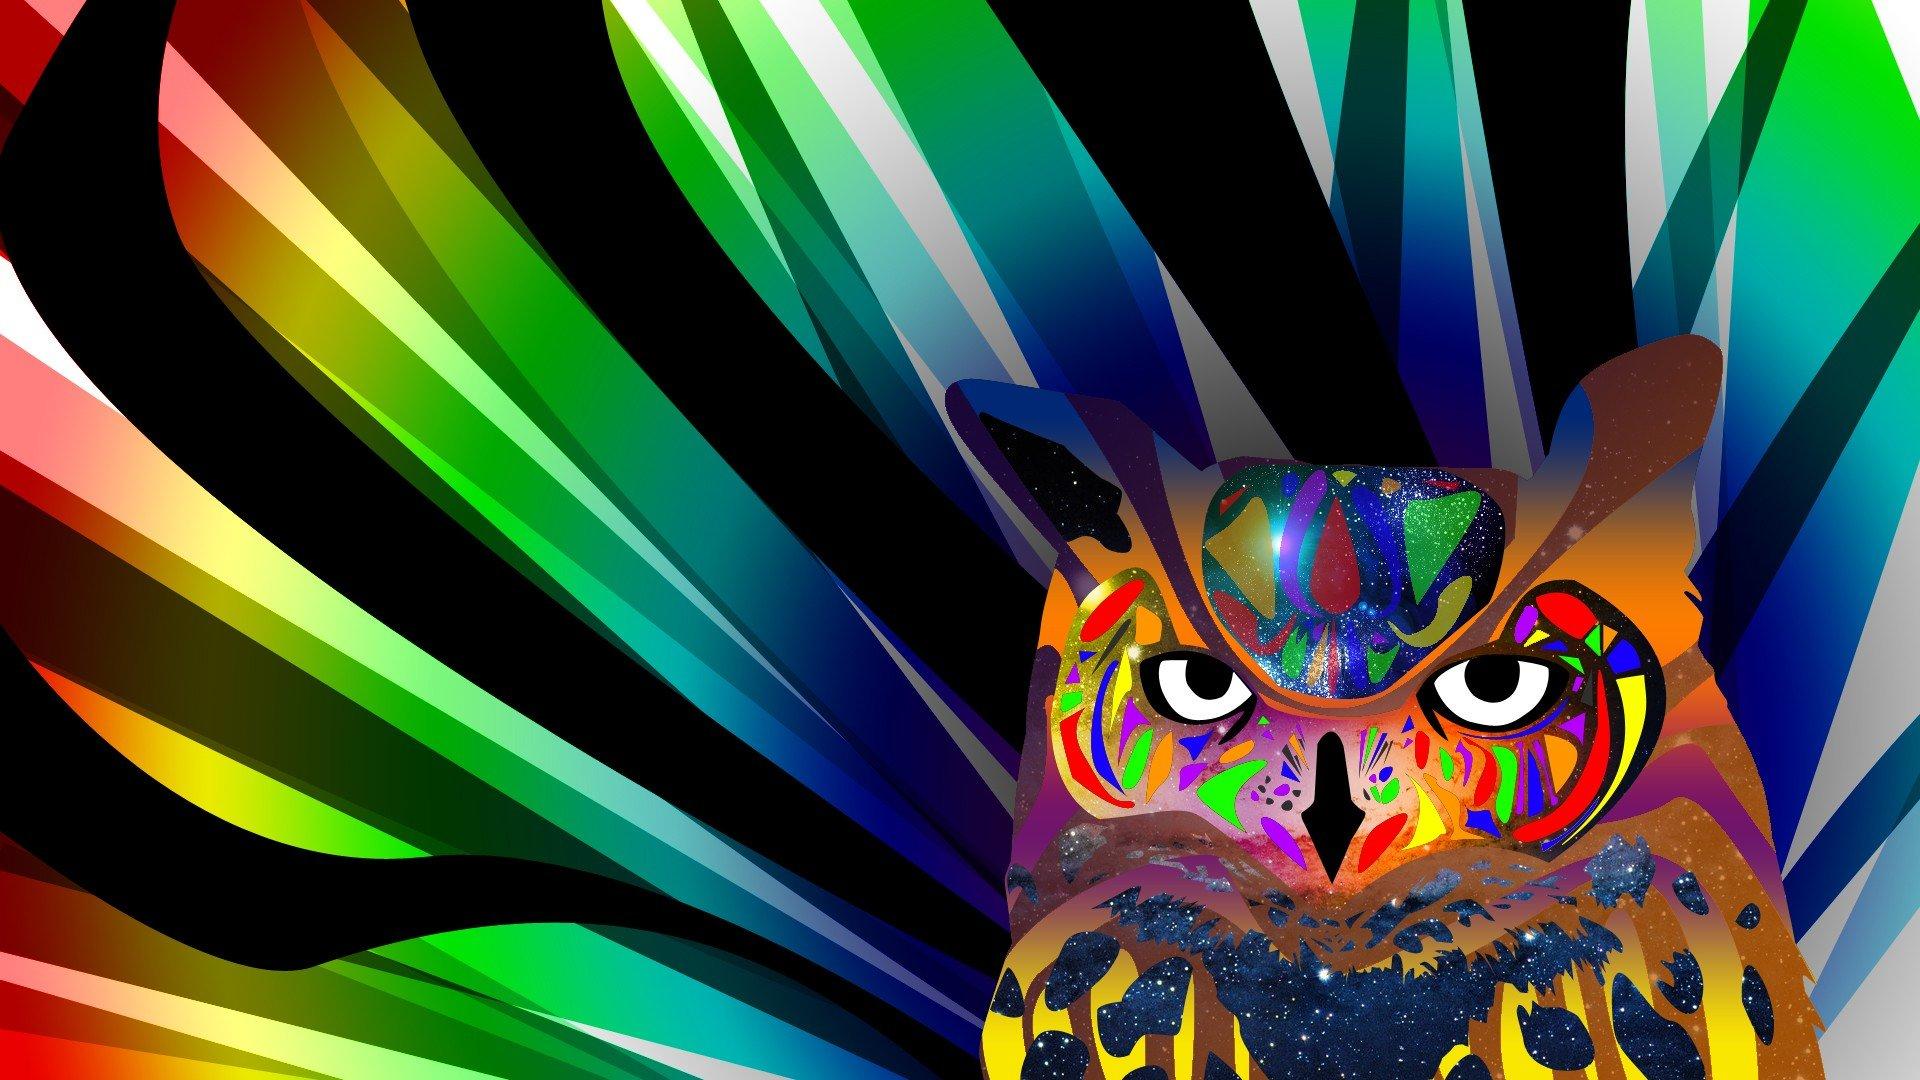 Abstract Owls Wallpaper 1920x1080 334048 Wallpaperup